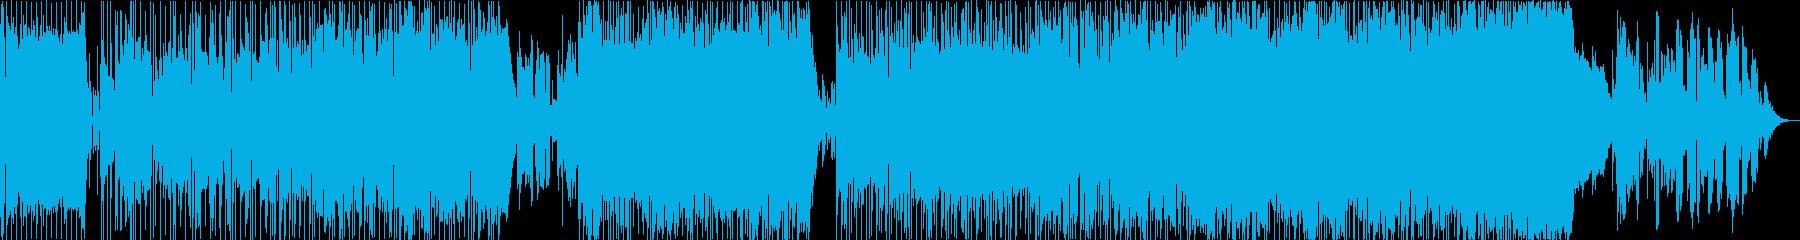 ドラマの主題歌のようなキャッチ―バラードの再生済みの波形